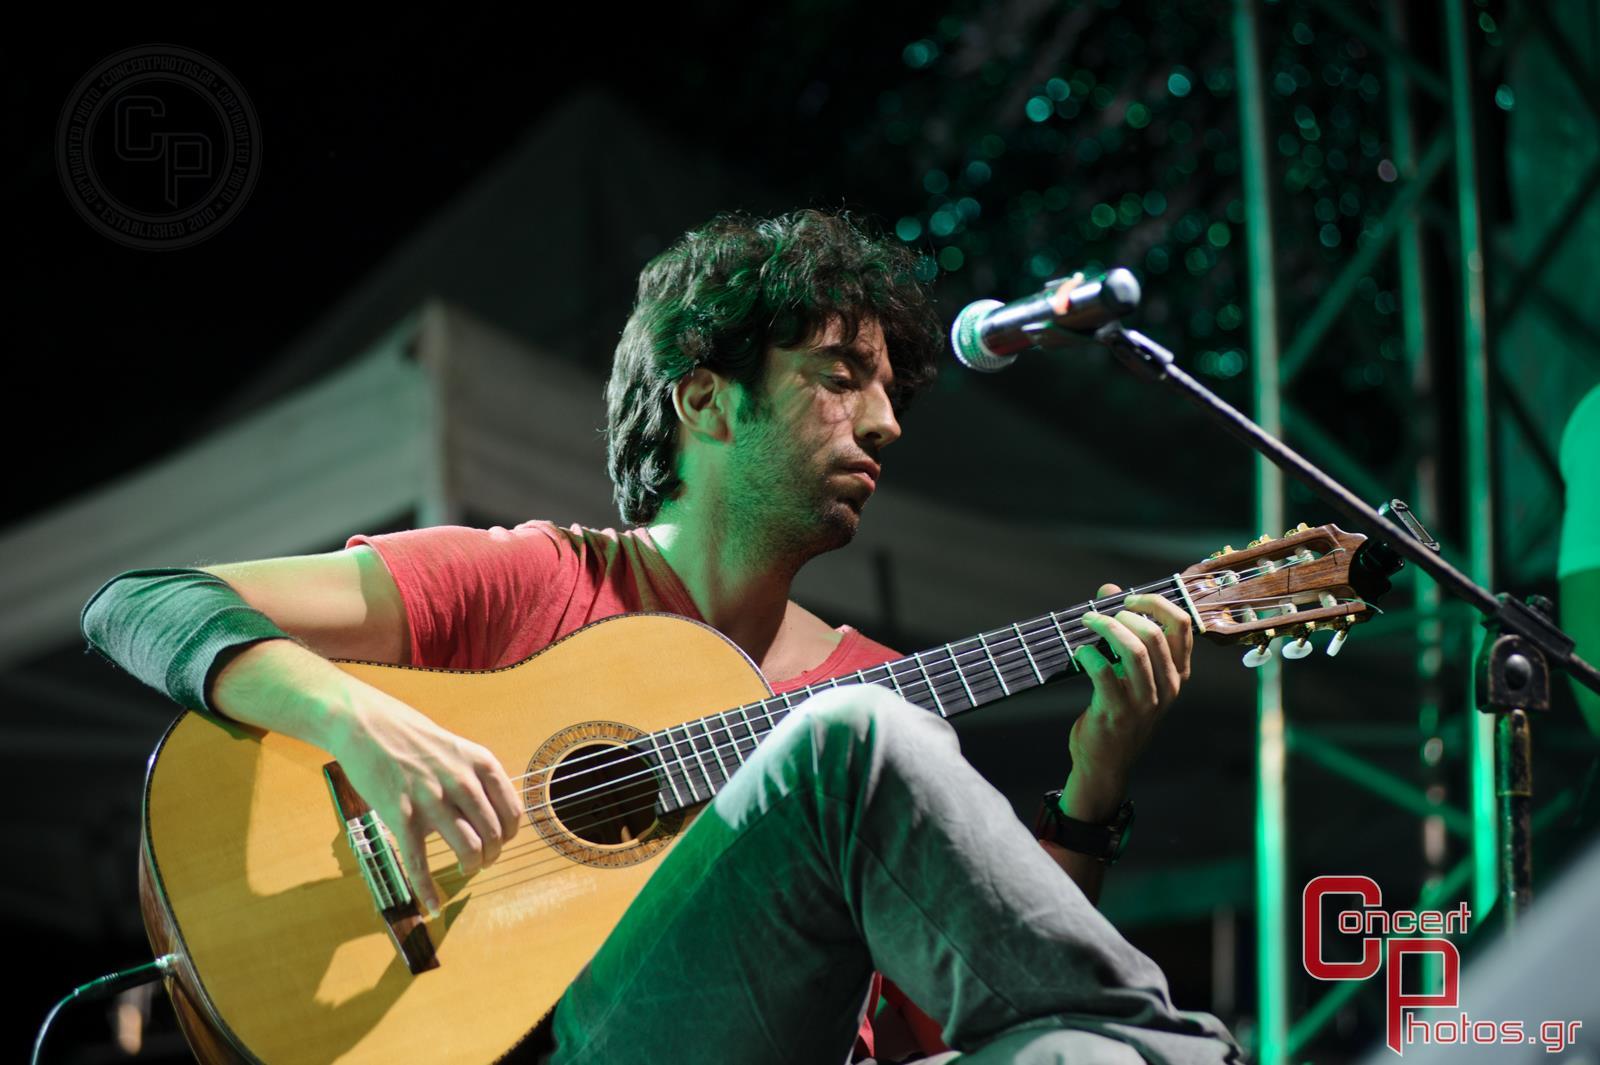 Μία συναυλία για τη Σχεδία 2014-Sxedia 2014 photographer:  - concertphotos_20140526_21_48_35